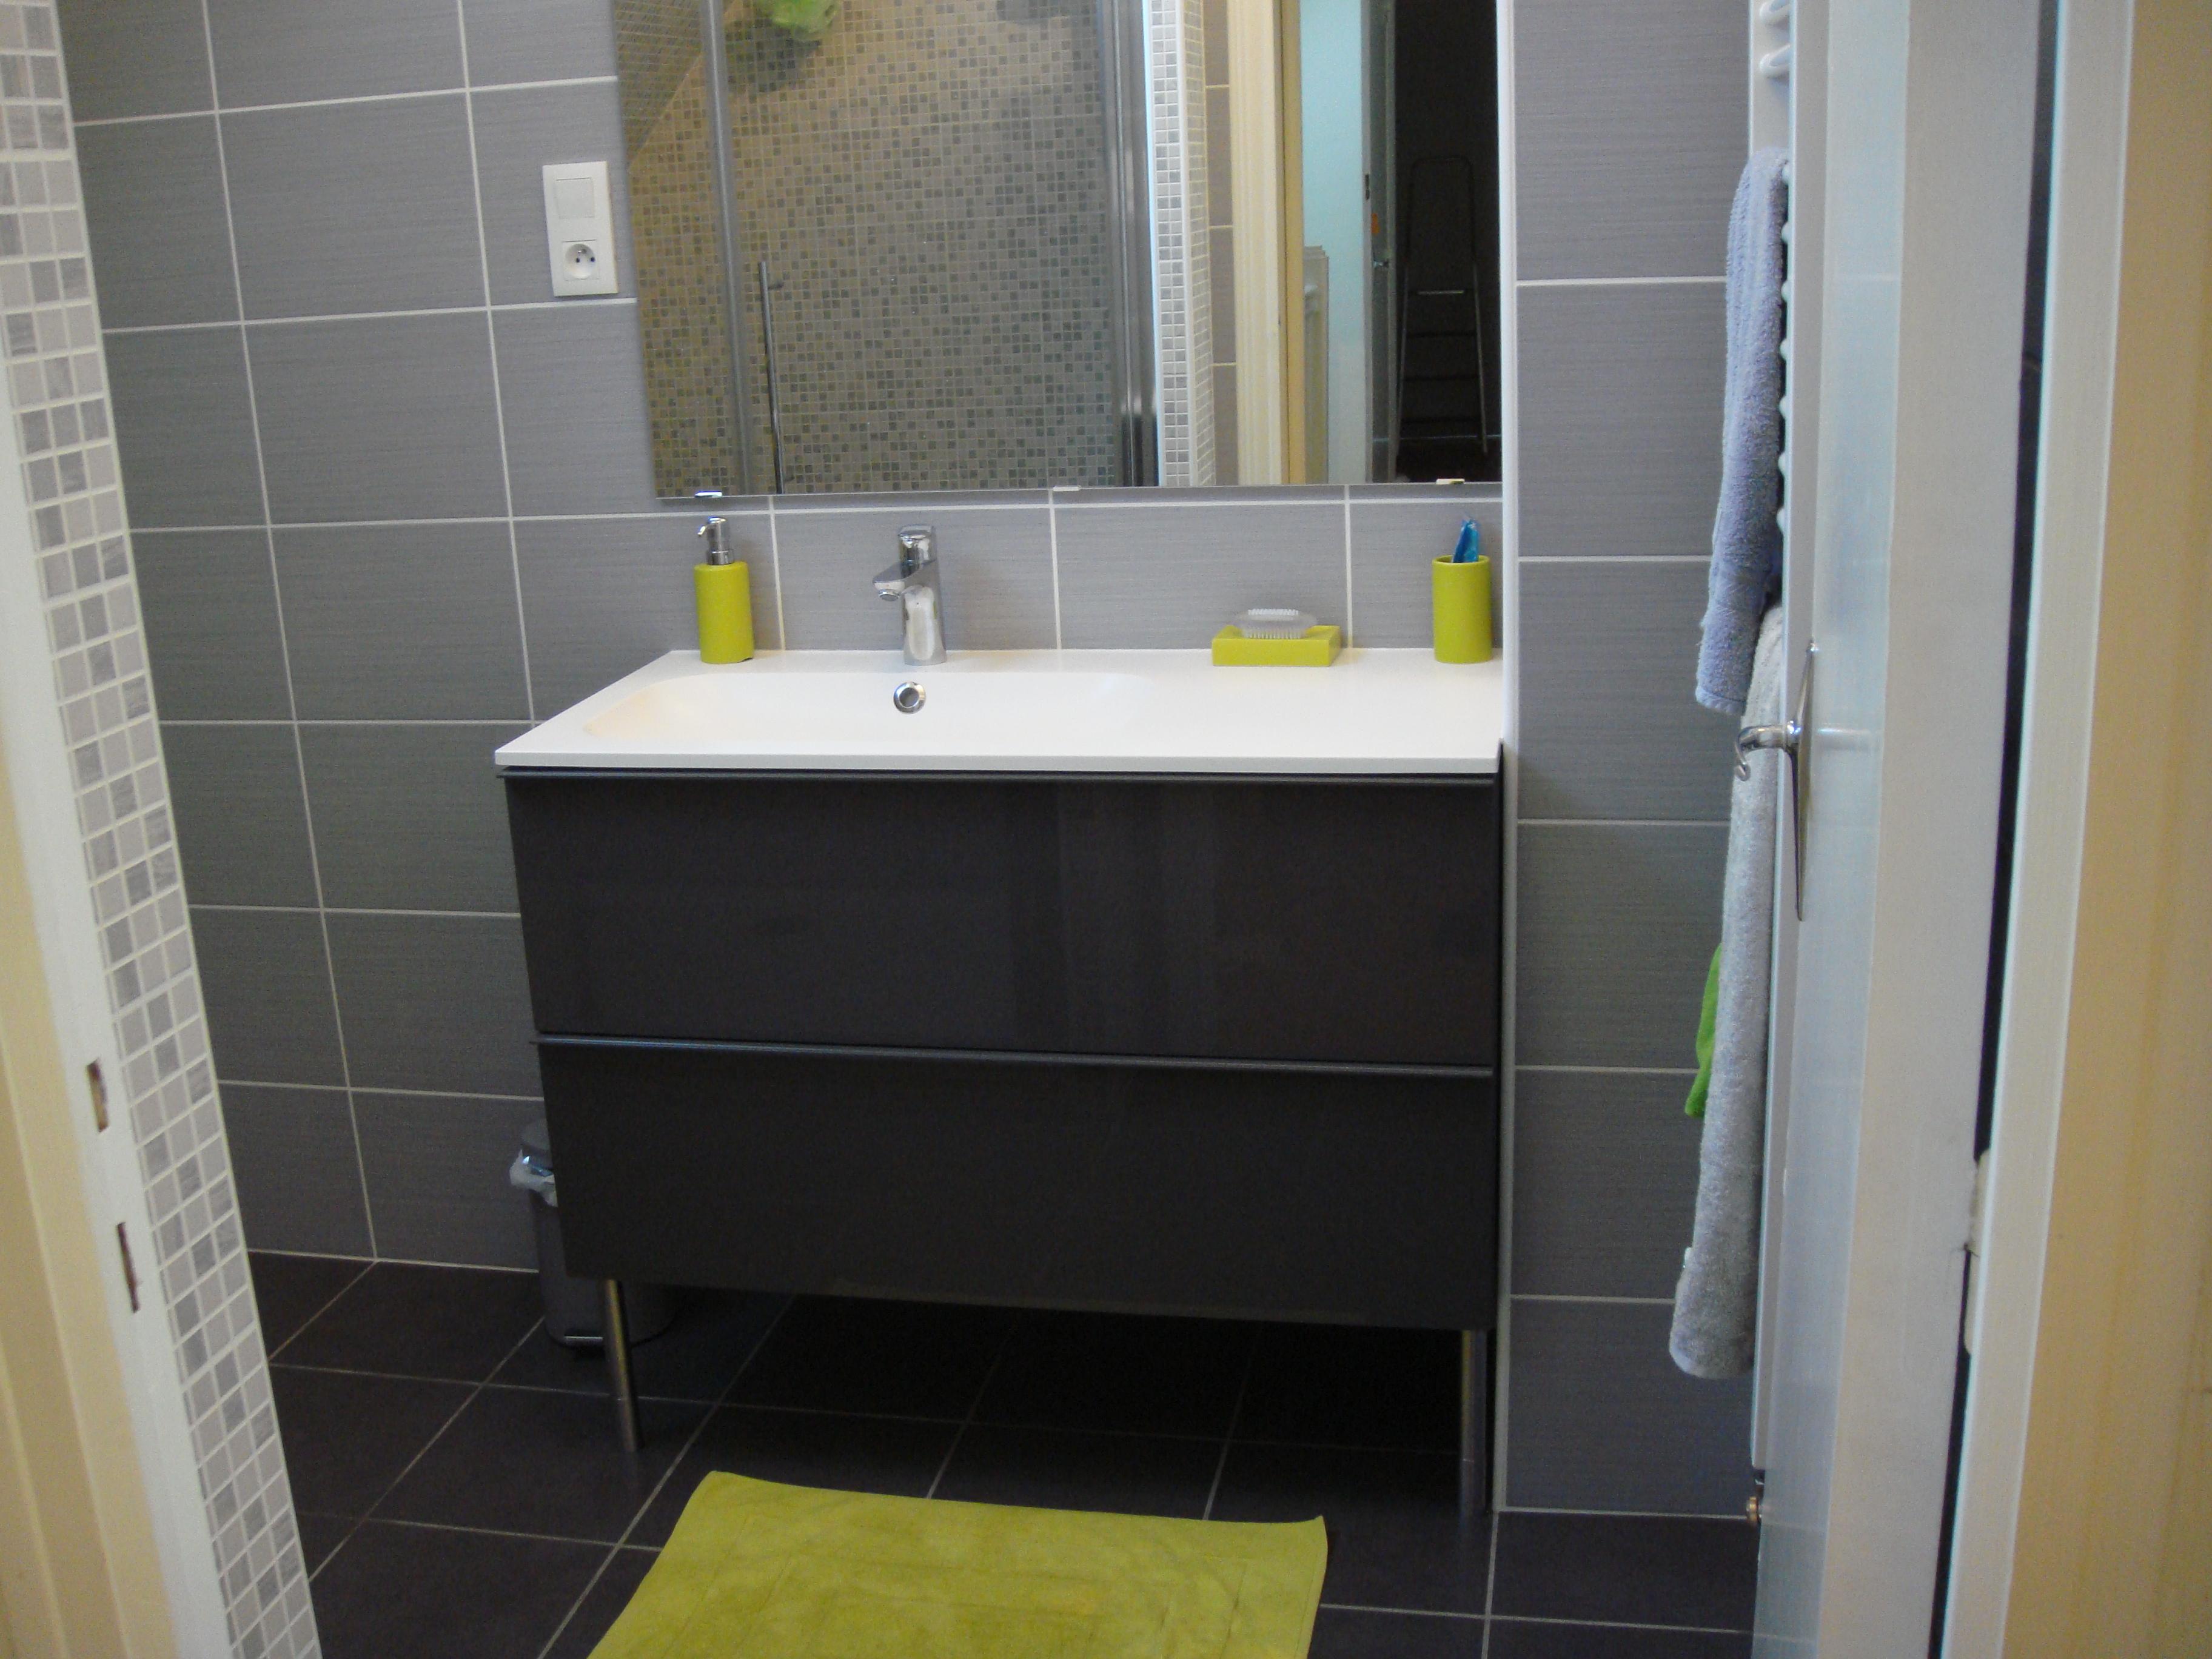 Meuble Salle De Bain En Bois Leroy Merlin Unique Photos Meuble D Angle Salle De Bain Ikea Avec Ikea Salle De Bain Meuble